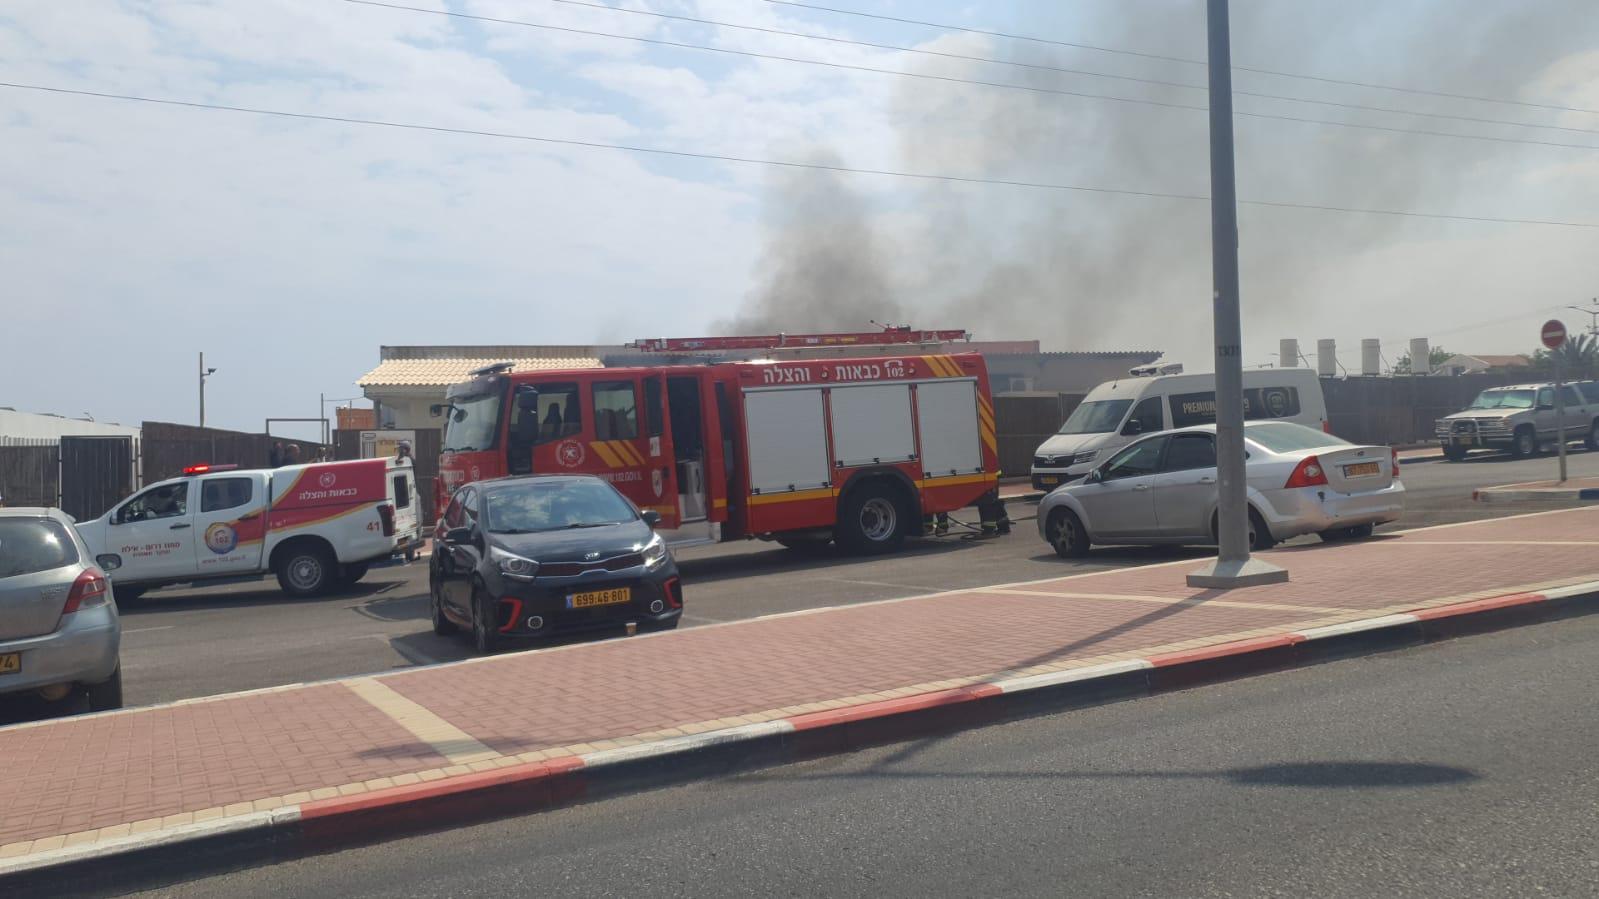 צפו: שריפה משתוללת בבית עסק באזור התעשייה באילת